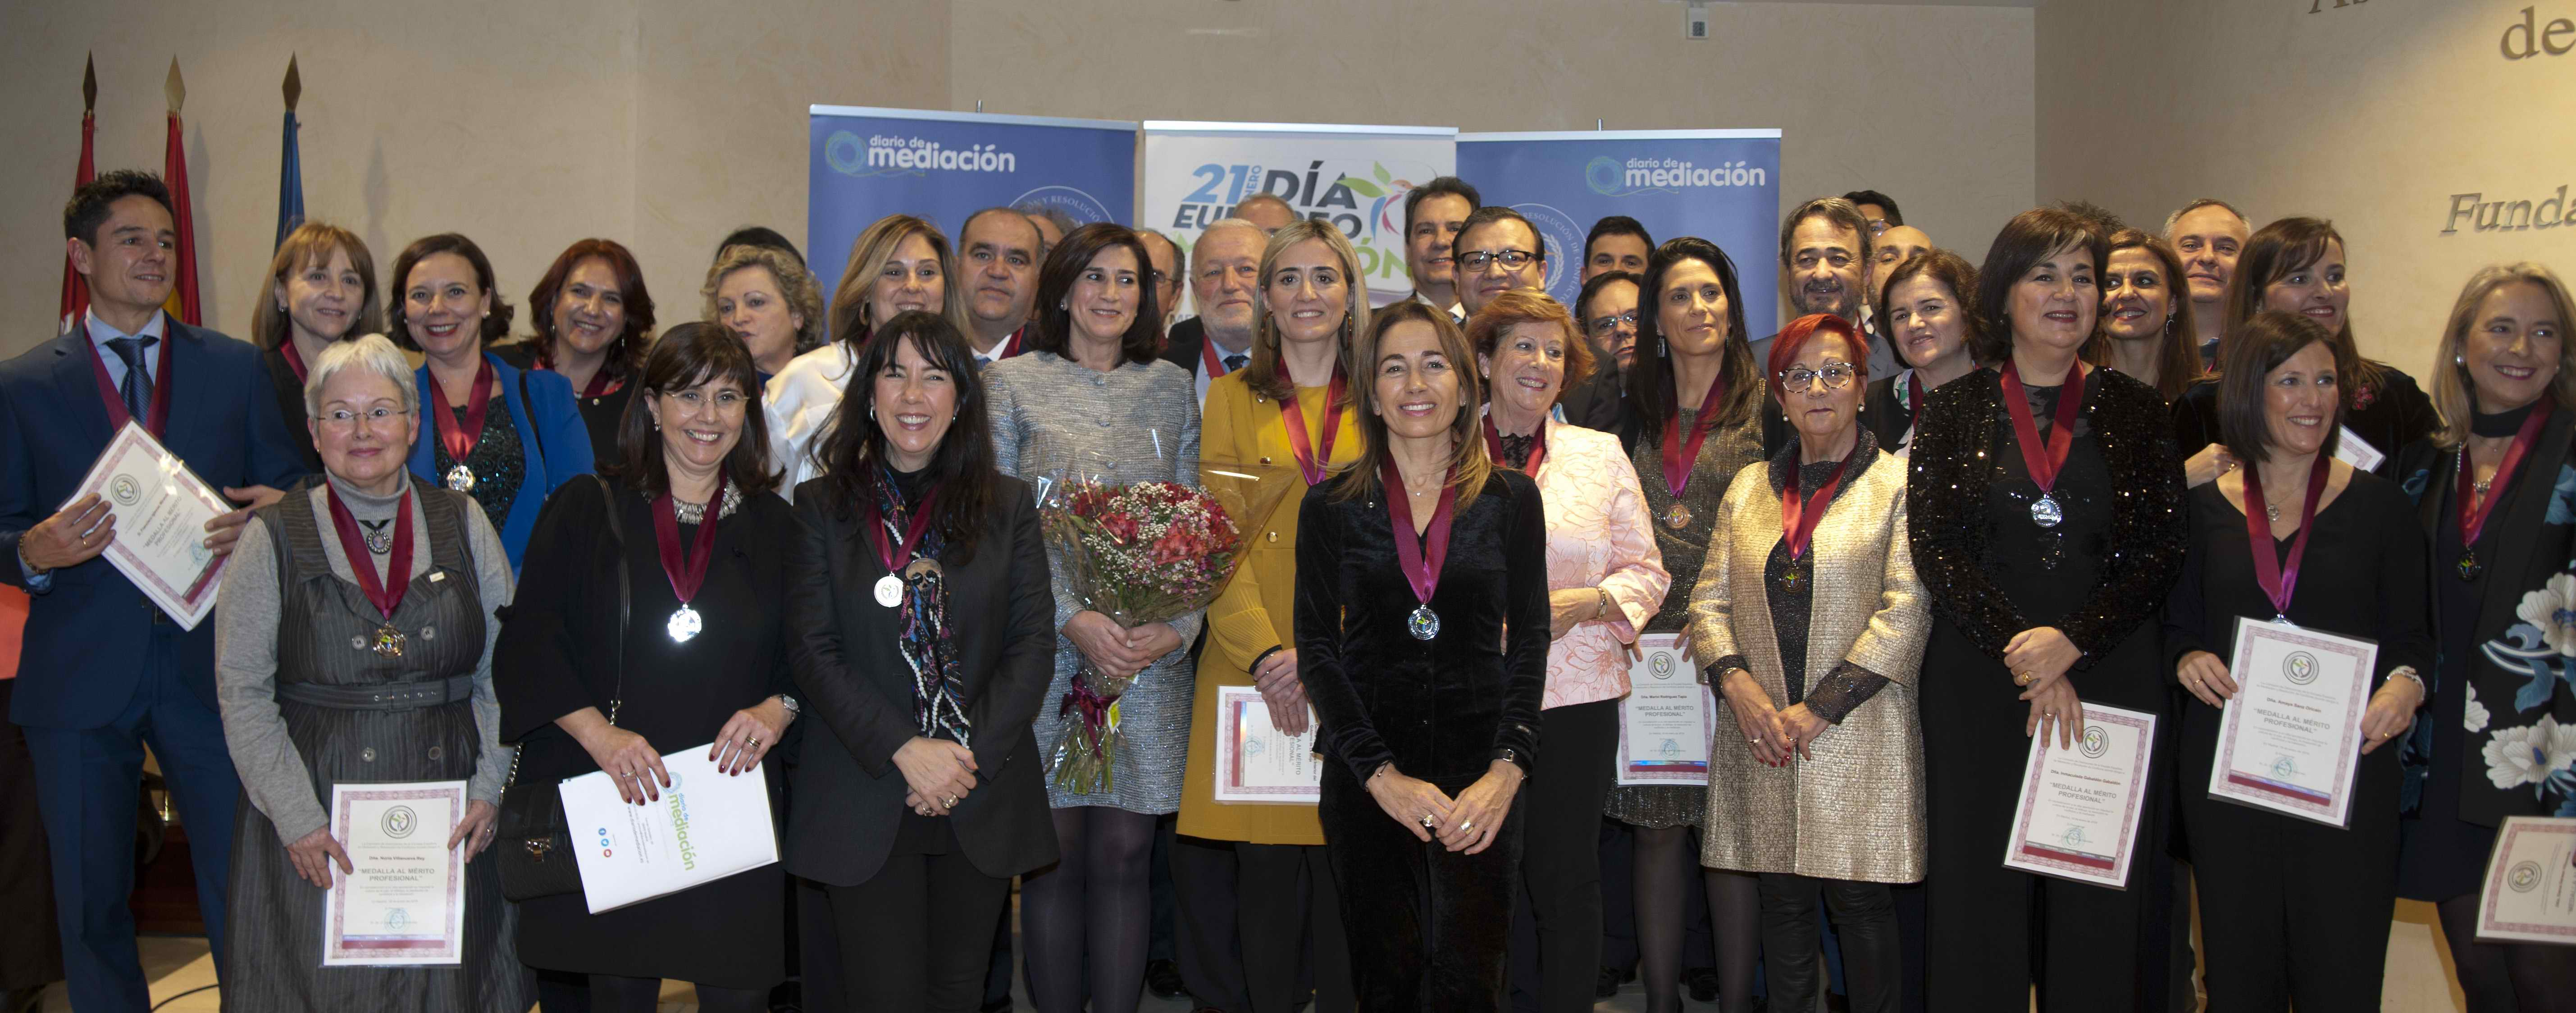 Medallas al Mérito Profesional 2019 Diario de Mediación